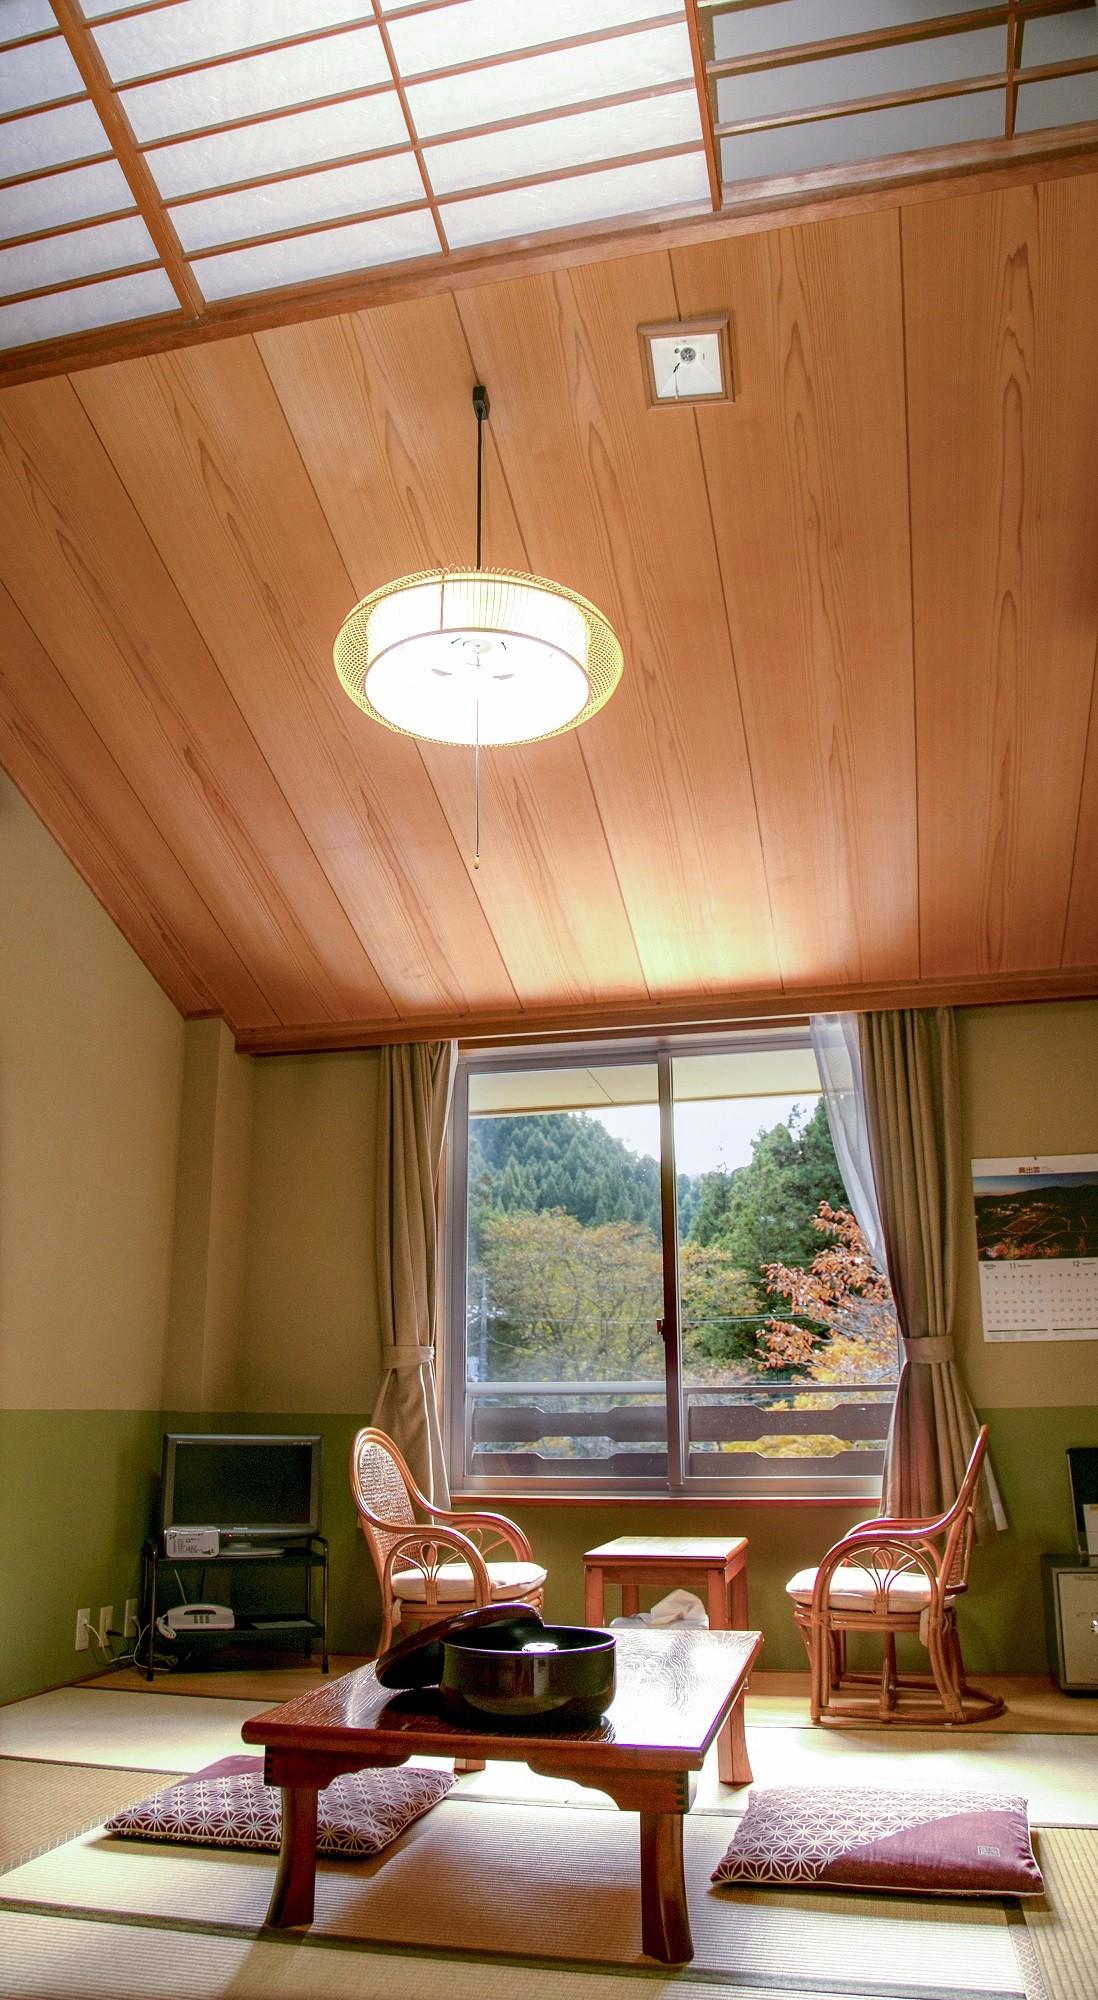 斜めになった高い天井は開放感を、木と障子天窓は温かみを感じます。